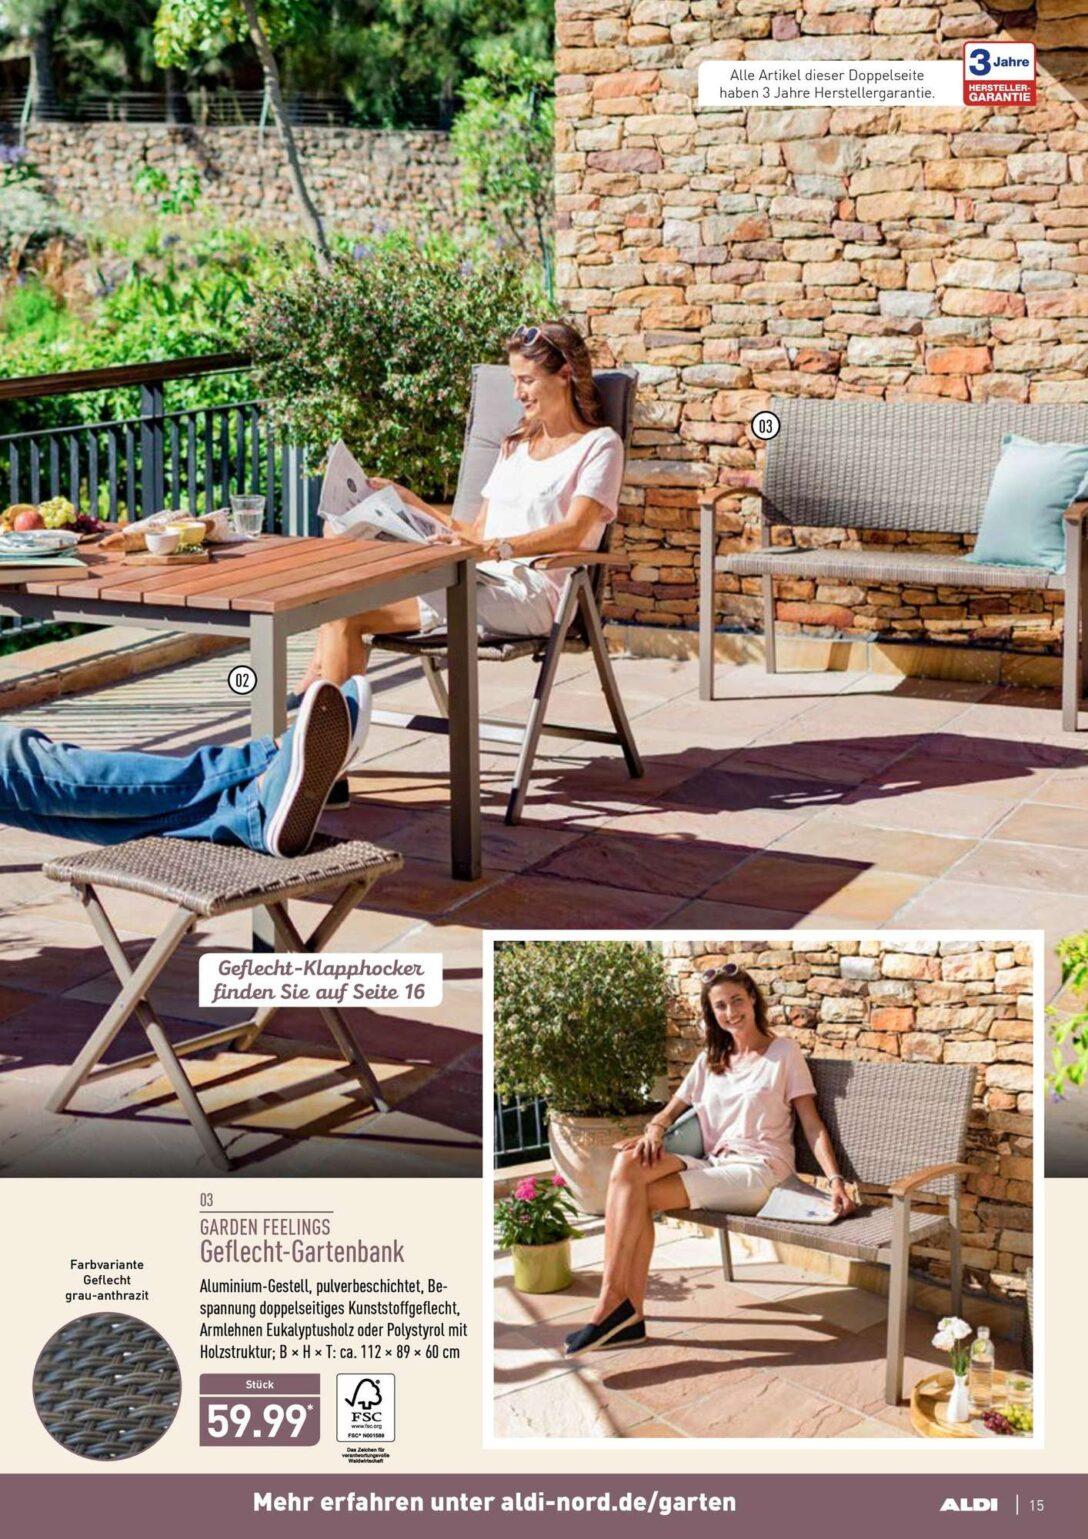 Large Size of Aldi Gartenliege 2020 Gartenbank Rattan Ideas 03 26 Relaxsessel Garten Wohnzimmer Aldi Gartenliege 2020